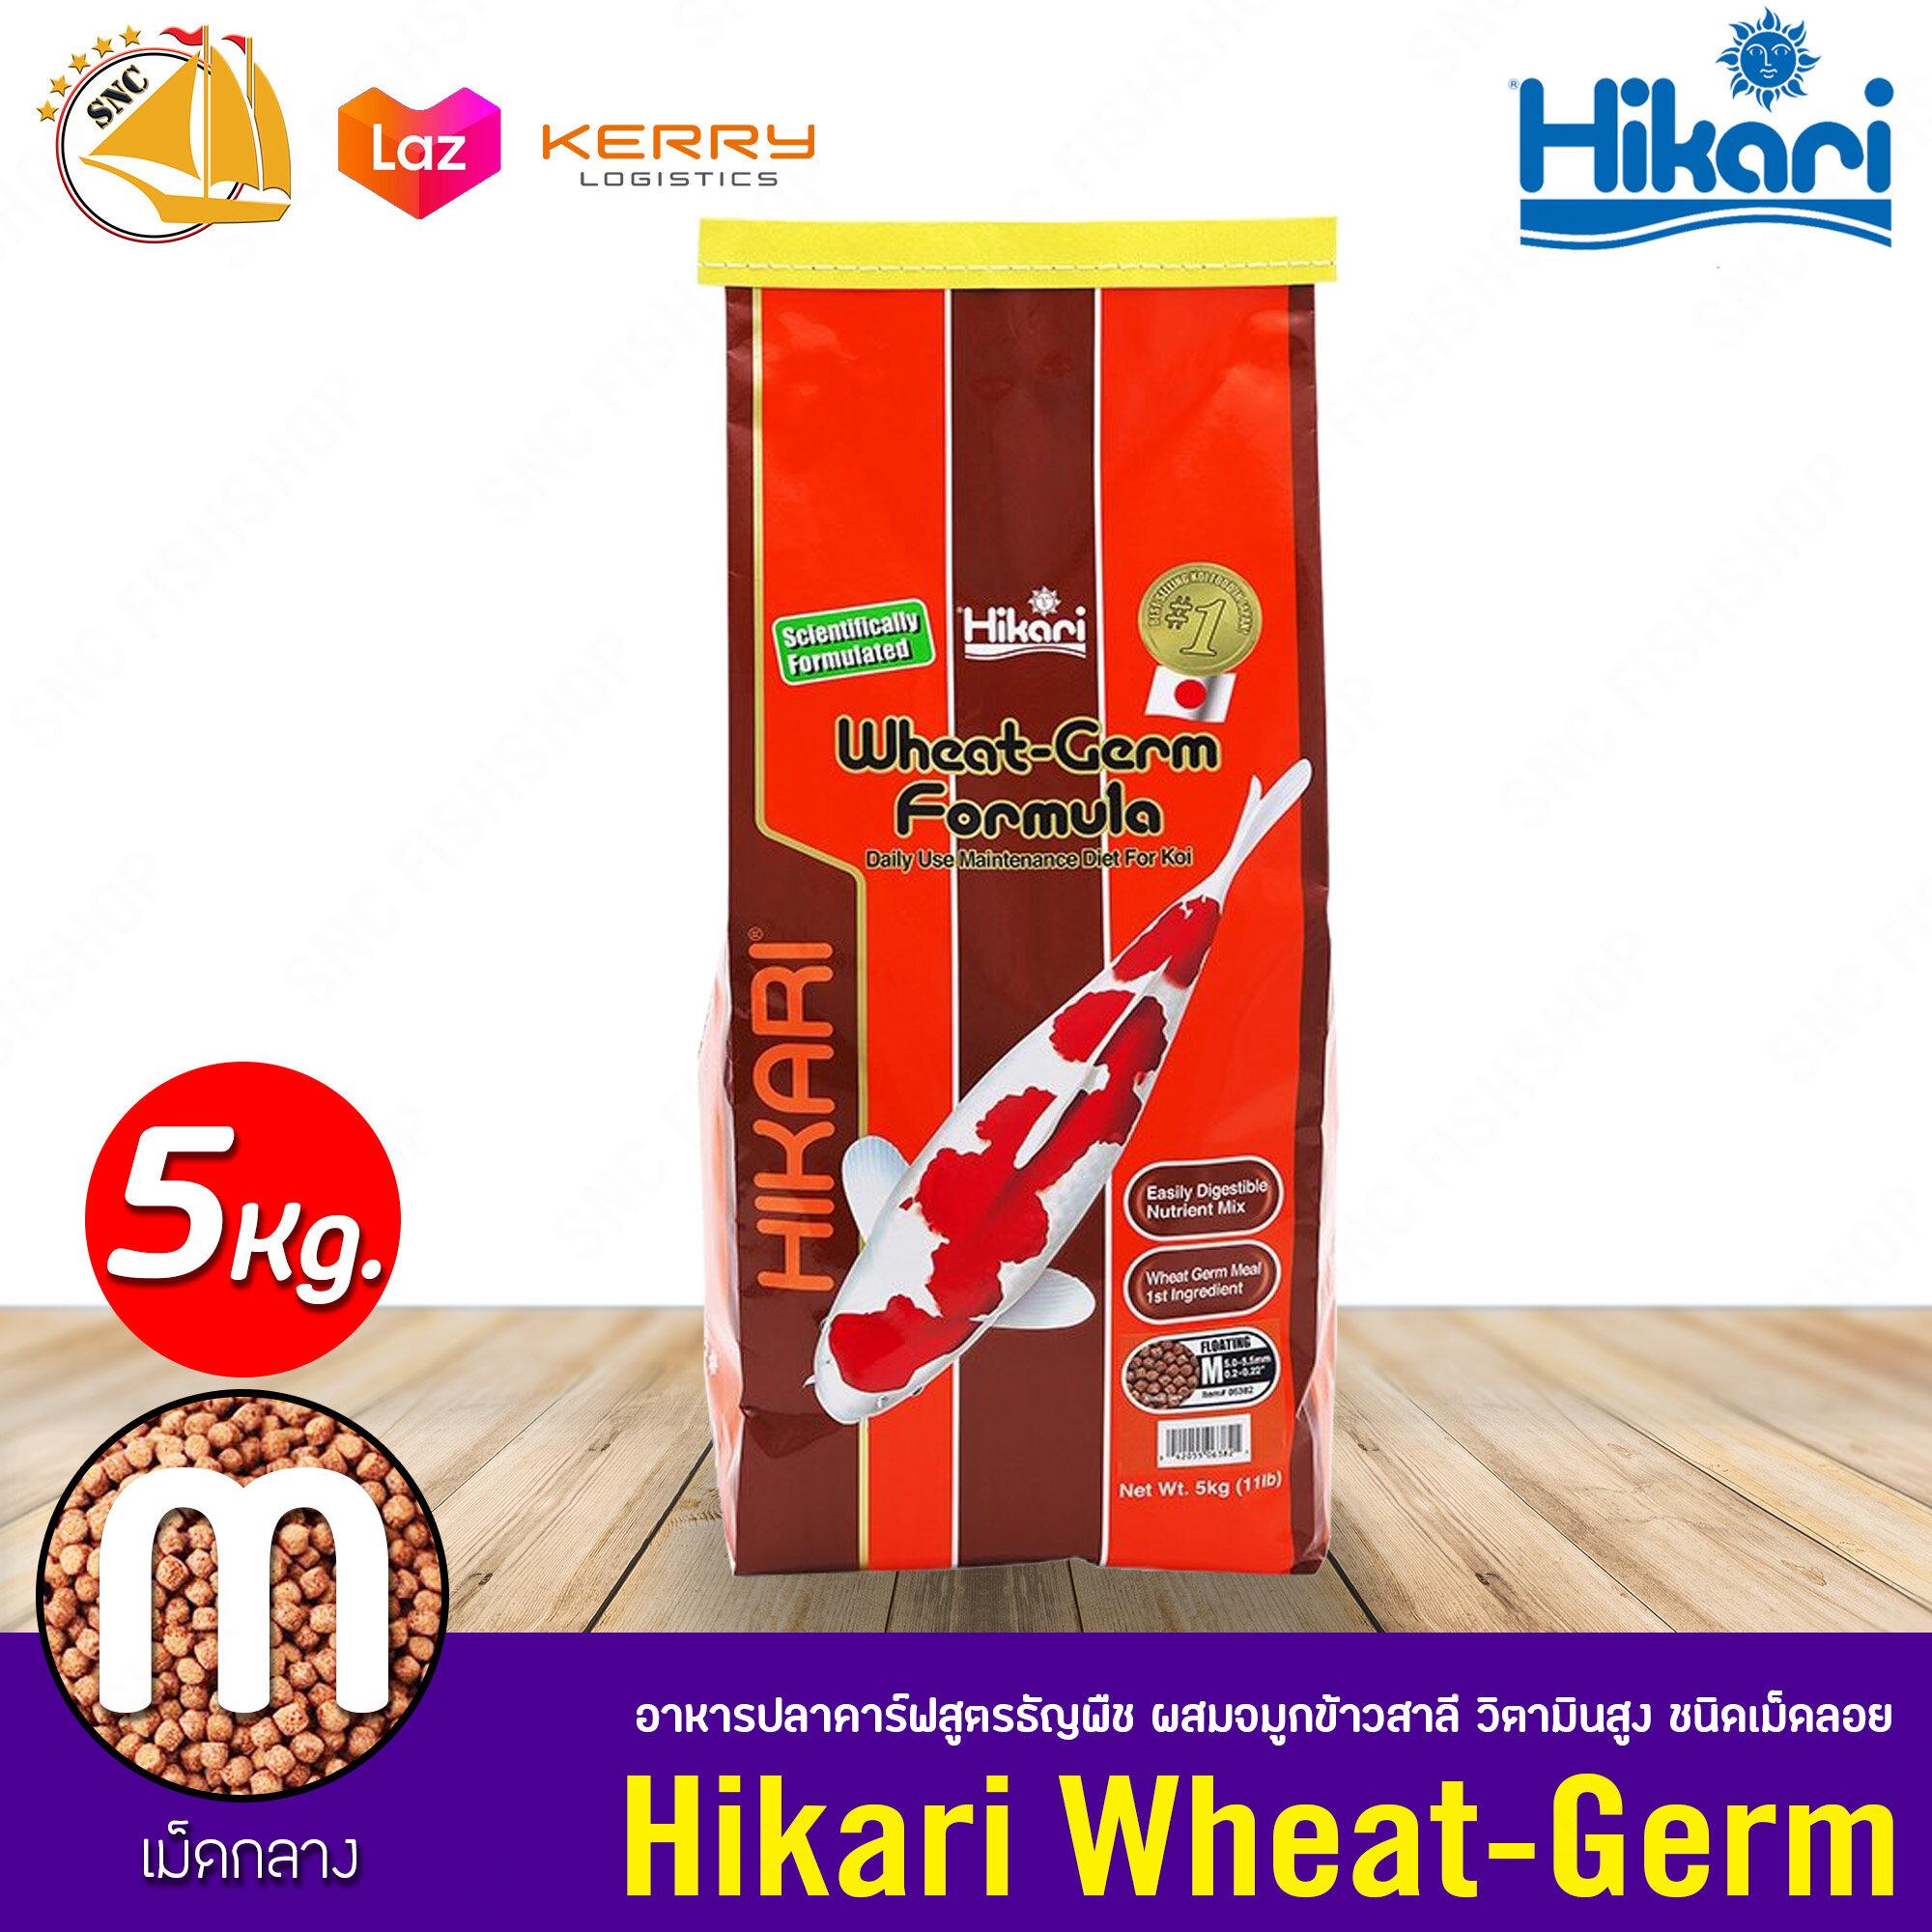 อาหารปลาคาร์ฟนำเข้าจากญี่ปุ่น Hikari Wheat-Germ 5Kg. (M)